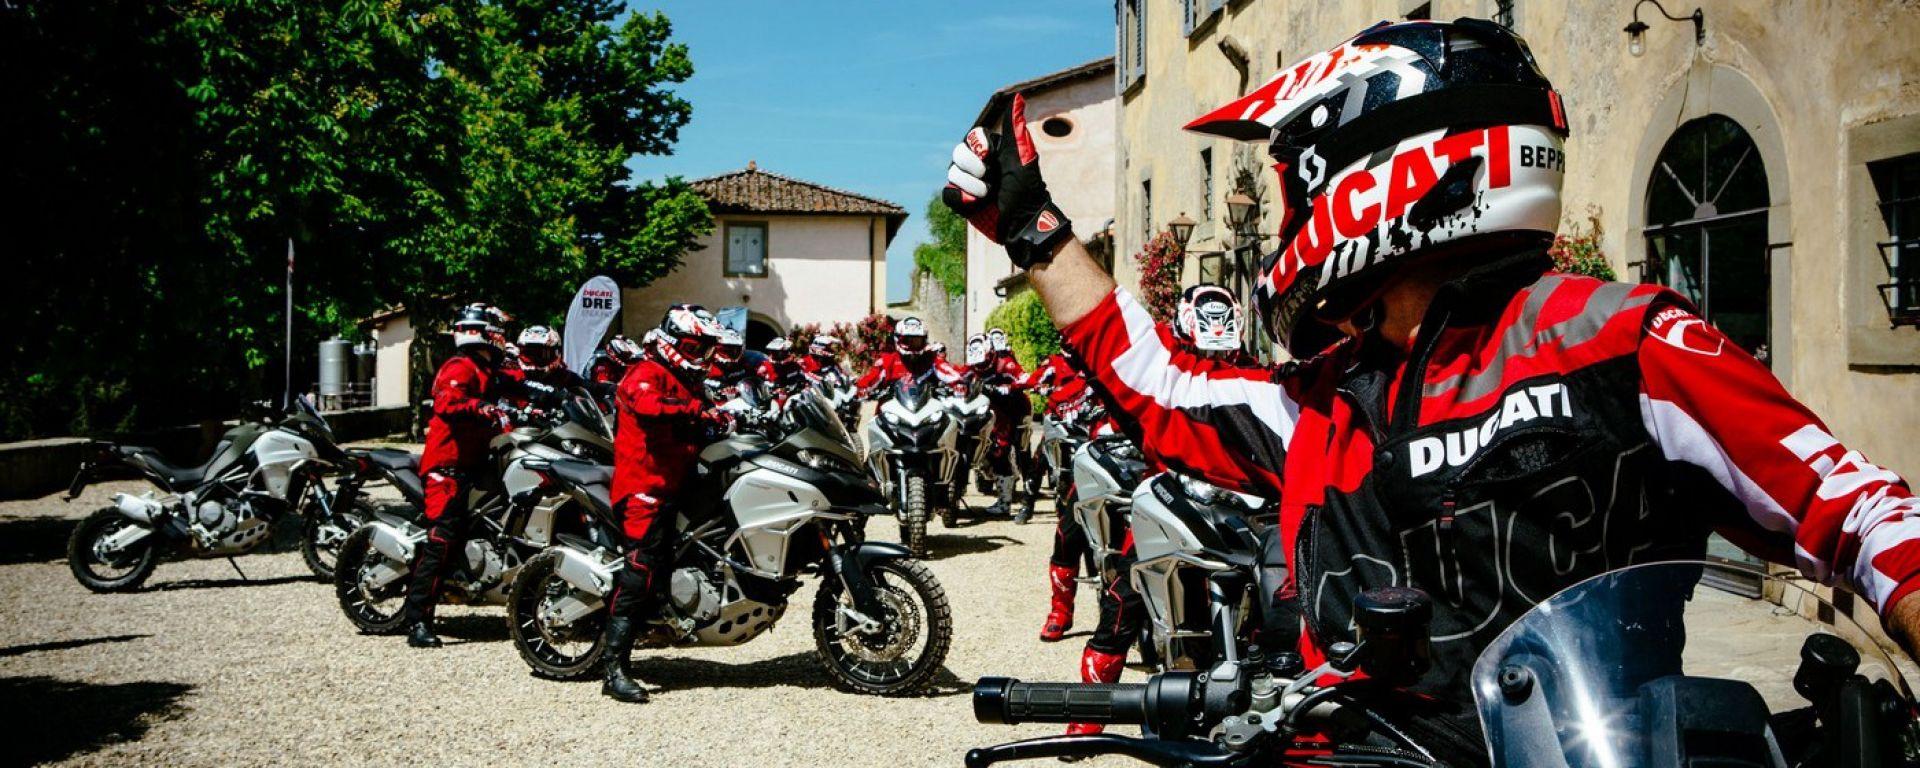 Ducati DRE Enduro e Multistrada 1200: a scuola di offroad